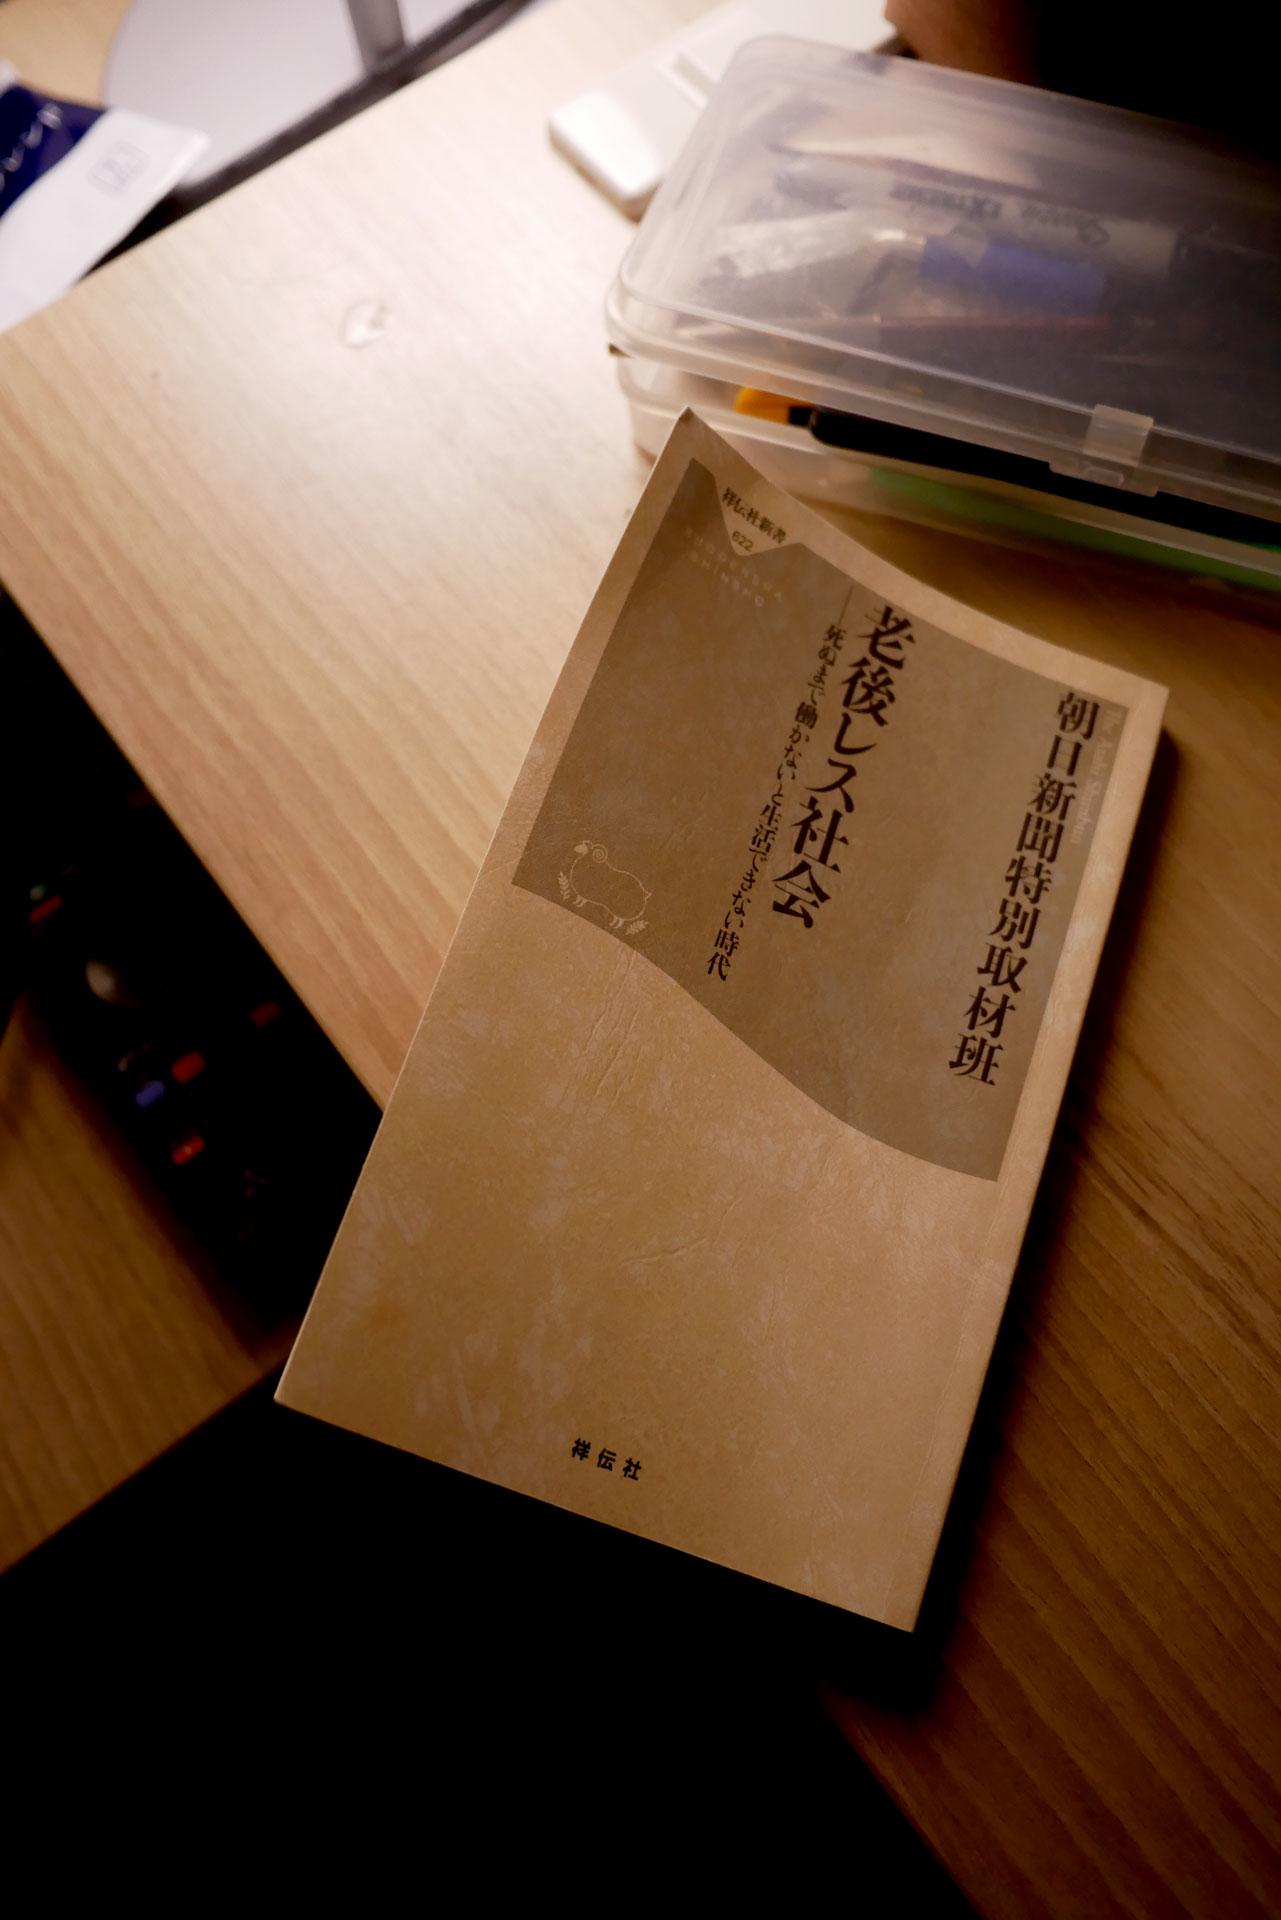 書籍老後レス社会 死ぬまで働かないと生活できない時代(朝日新聞特別取材班/祥伝社)」の表紙画像